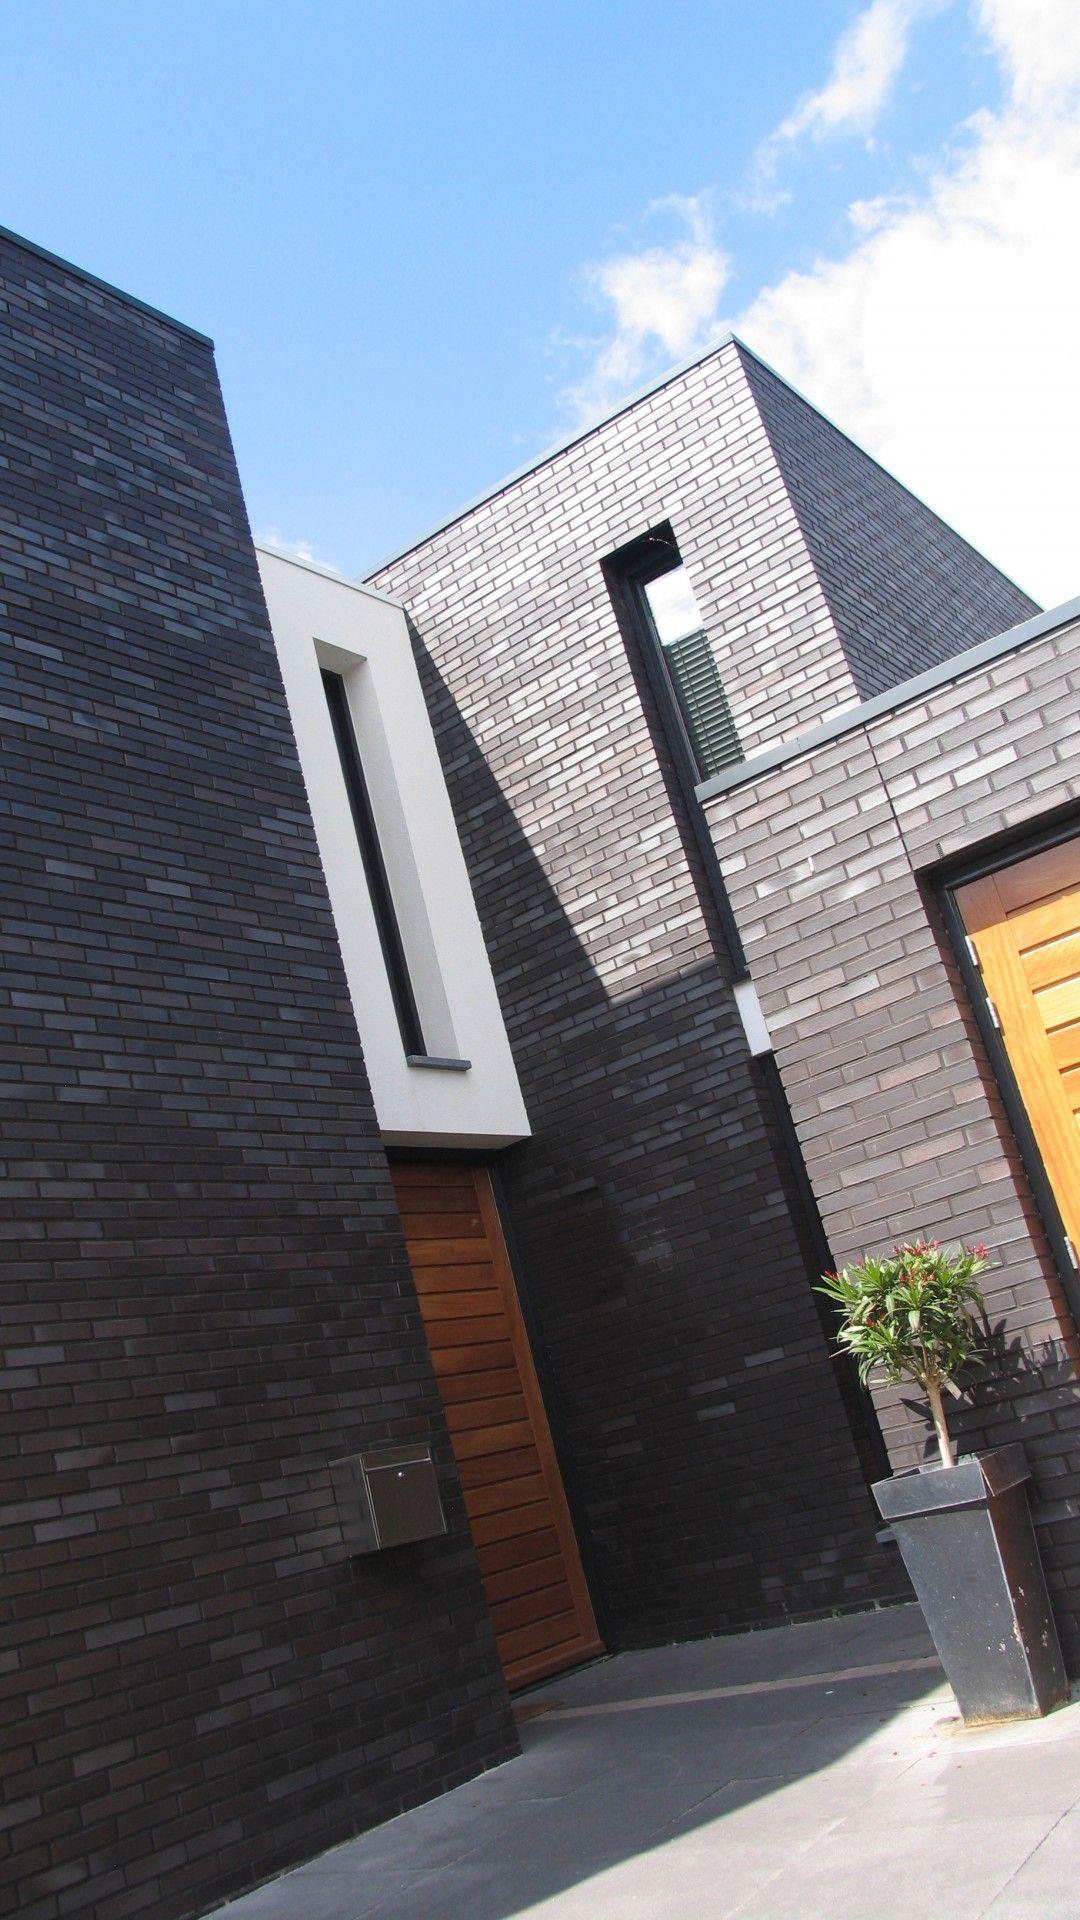 Moderne woning een ingetogen huis in strak donker metselwerk met stucwerk accenten en - Huis architect hout ...